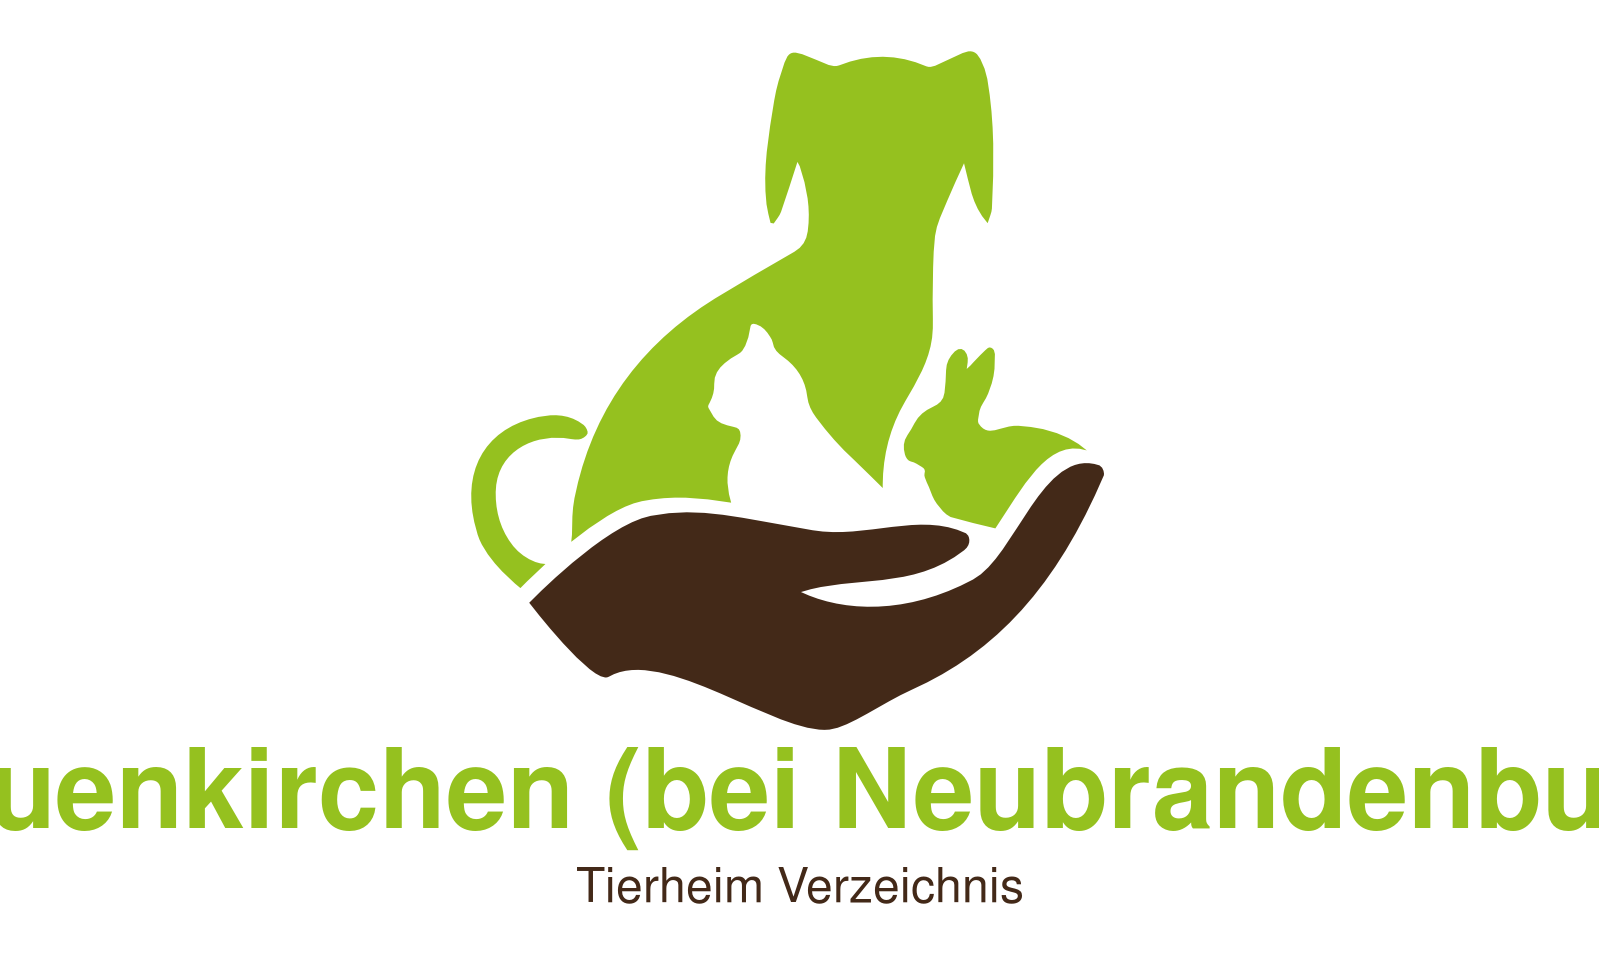 Tierheim Neuenkirchen (bei Neubrandenburg)